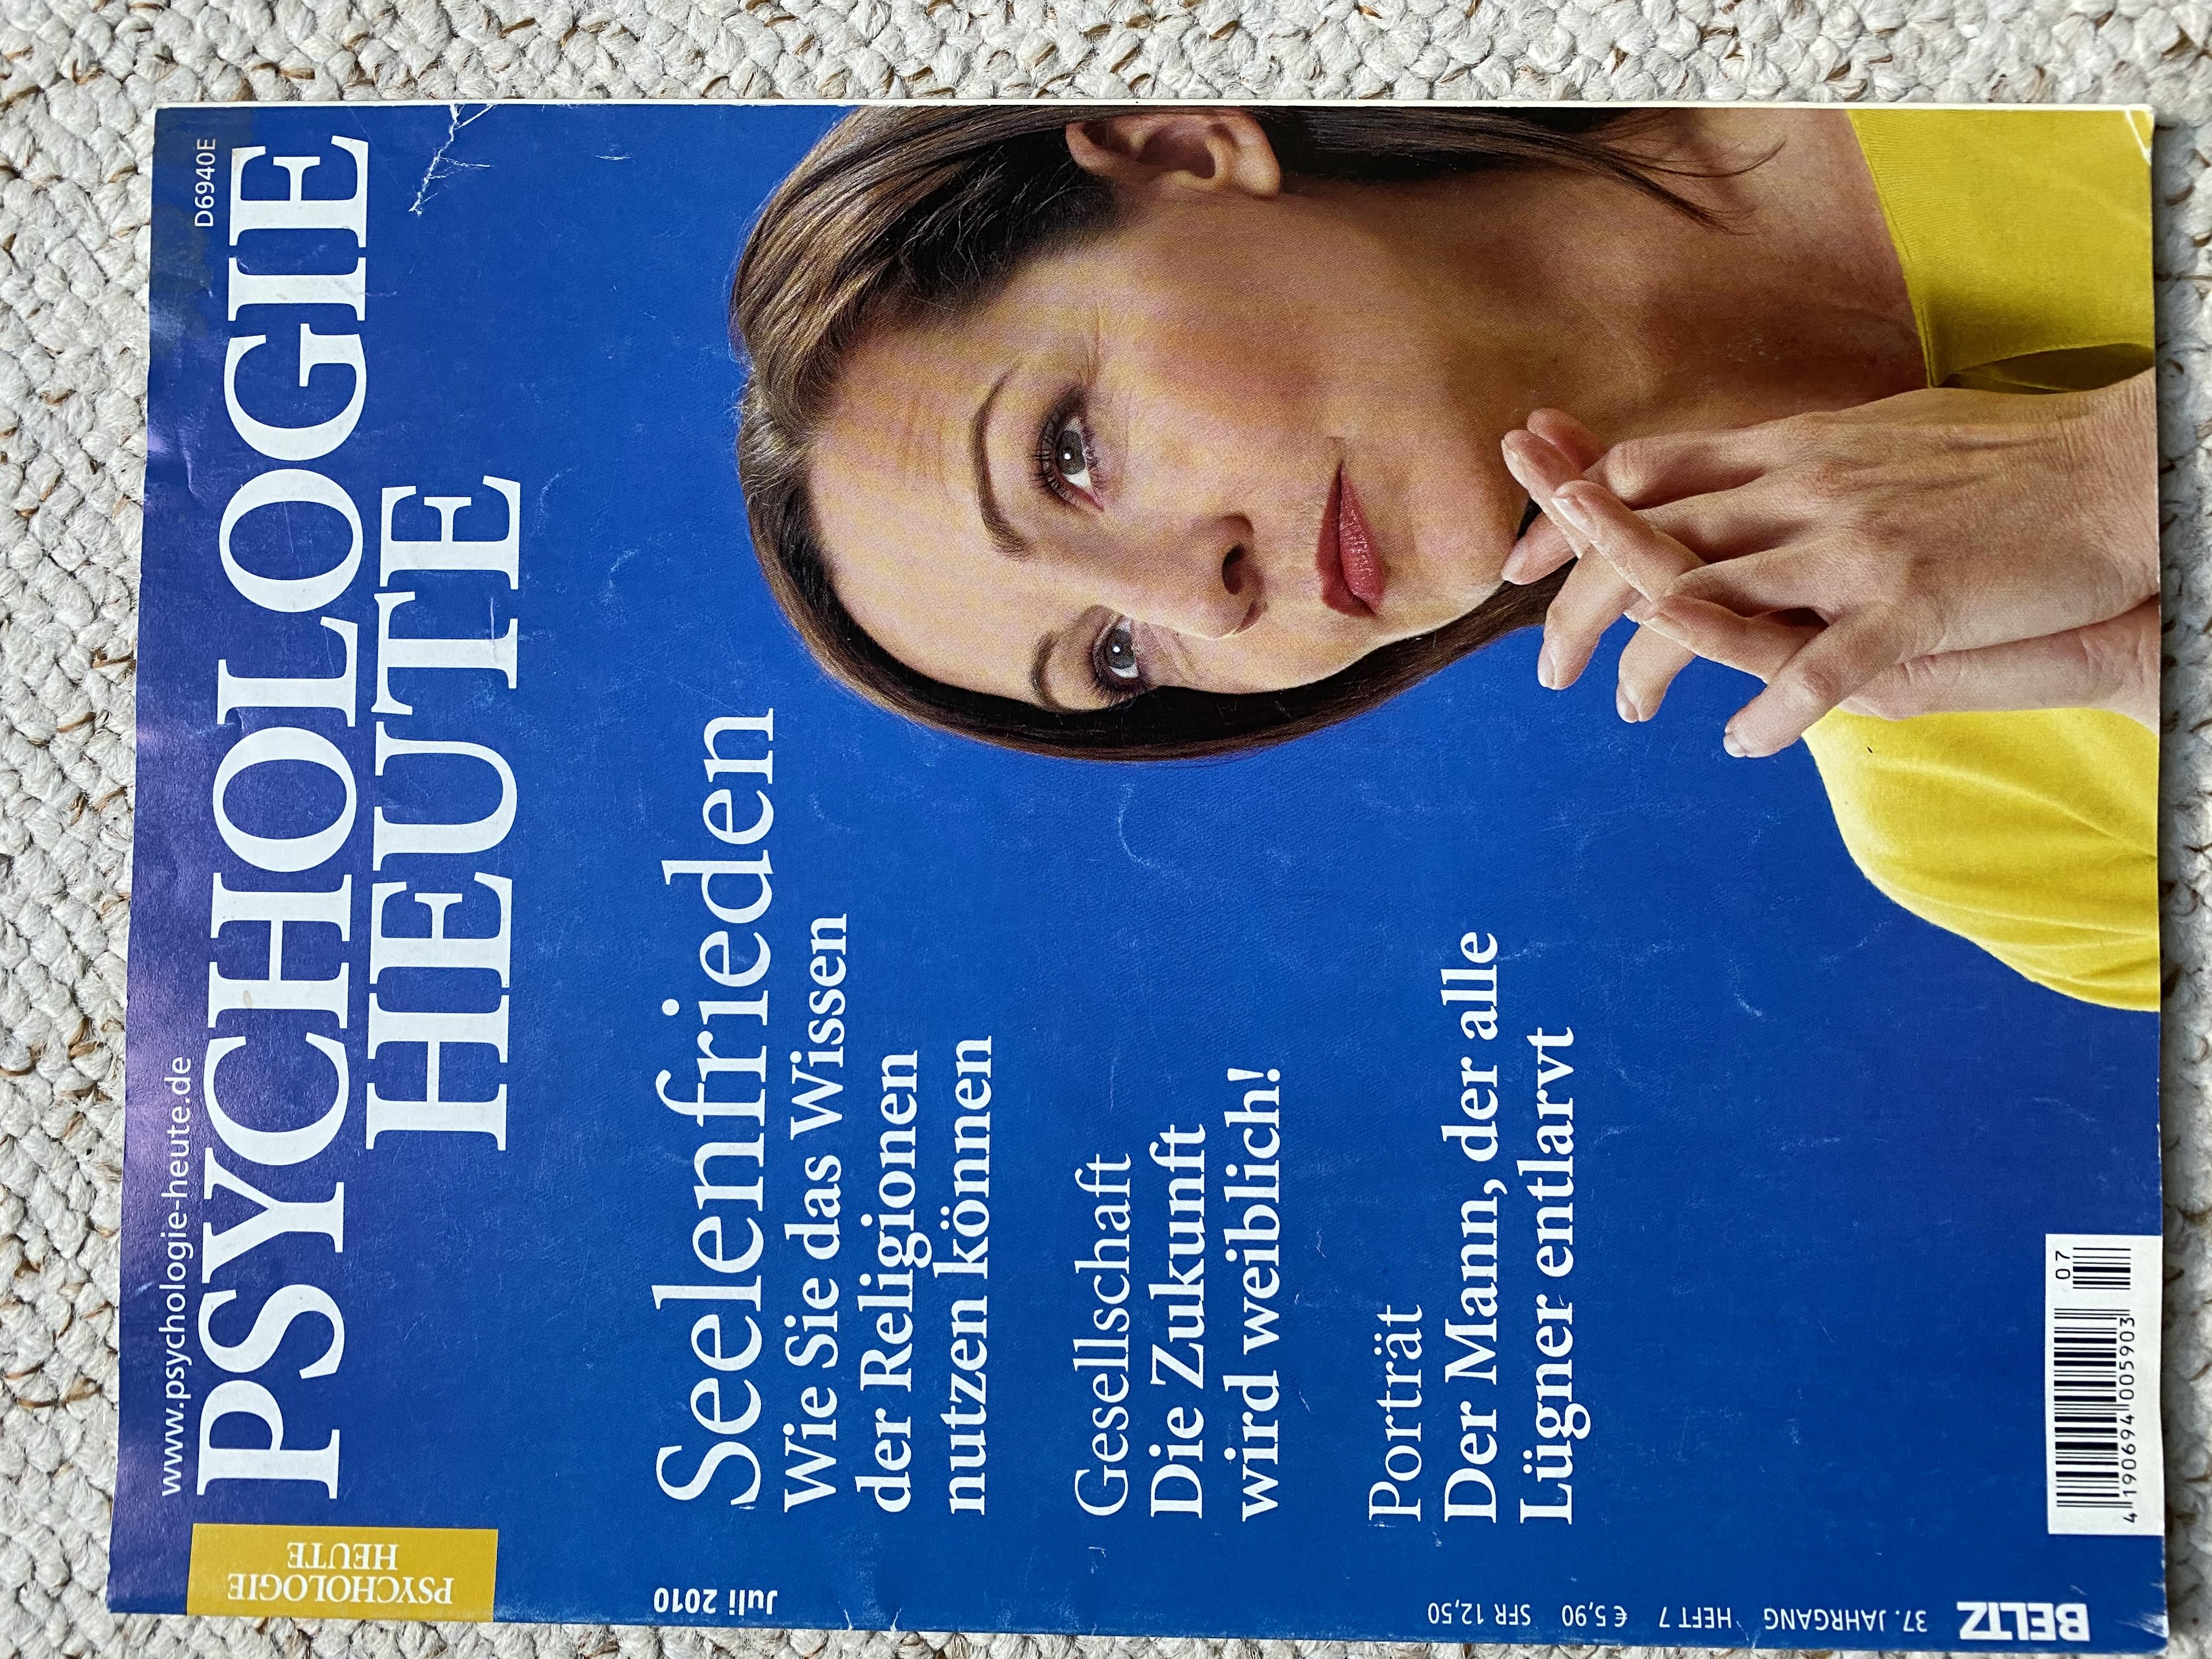 Psychologie heute Zeitschrift tauschen